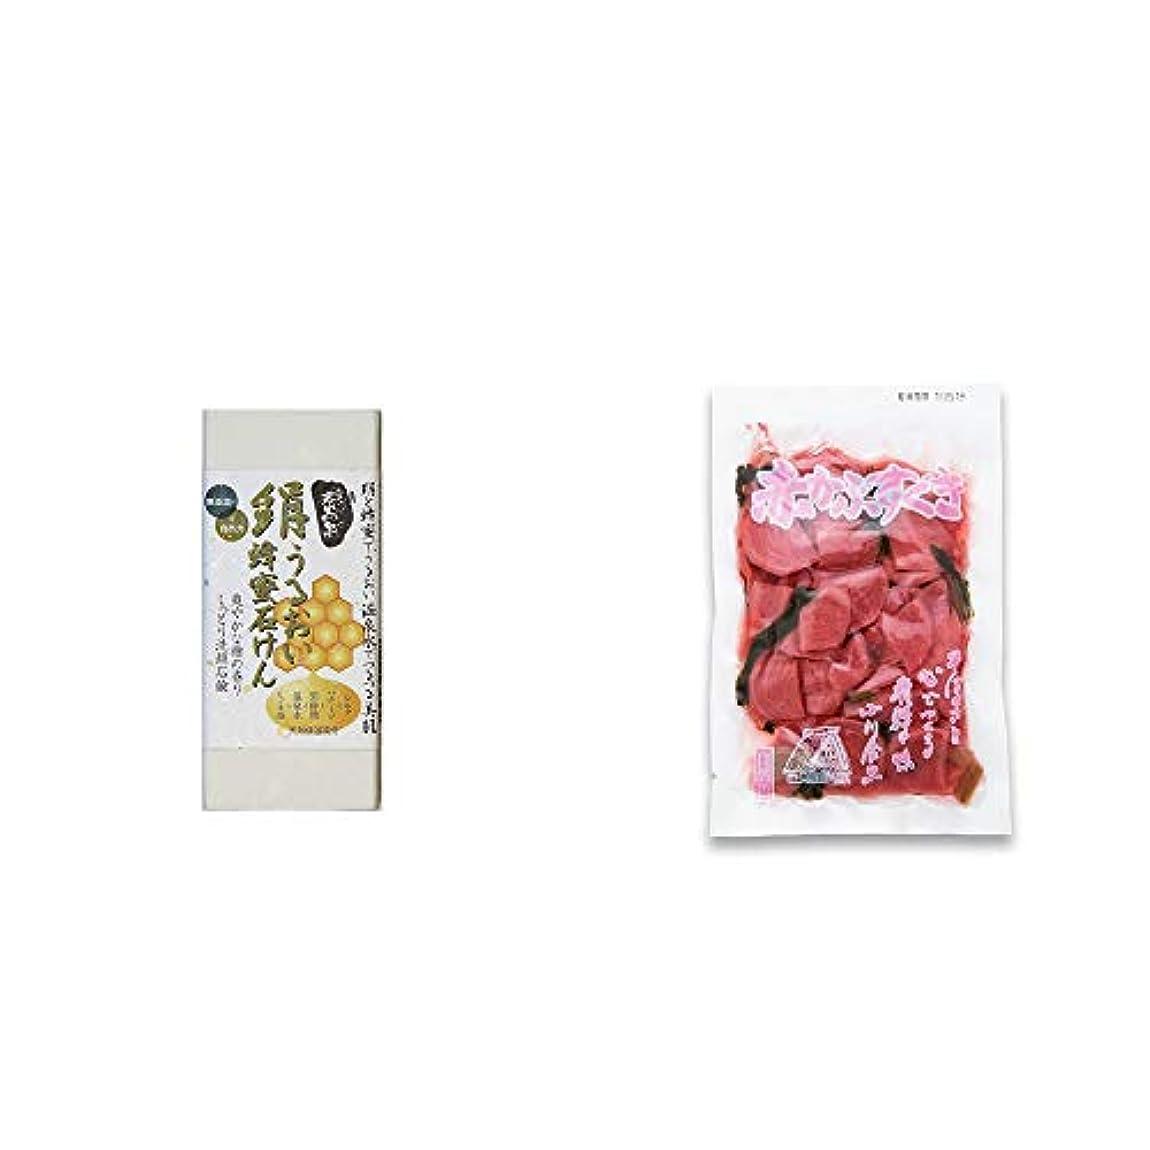 エントリジュラシックパーク悔い改め[2点セット] ひのき炭黒泉 絹うるおい蜂蜜石けん(75g×2)?赤かぶすぐき(160g)